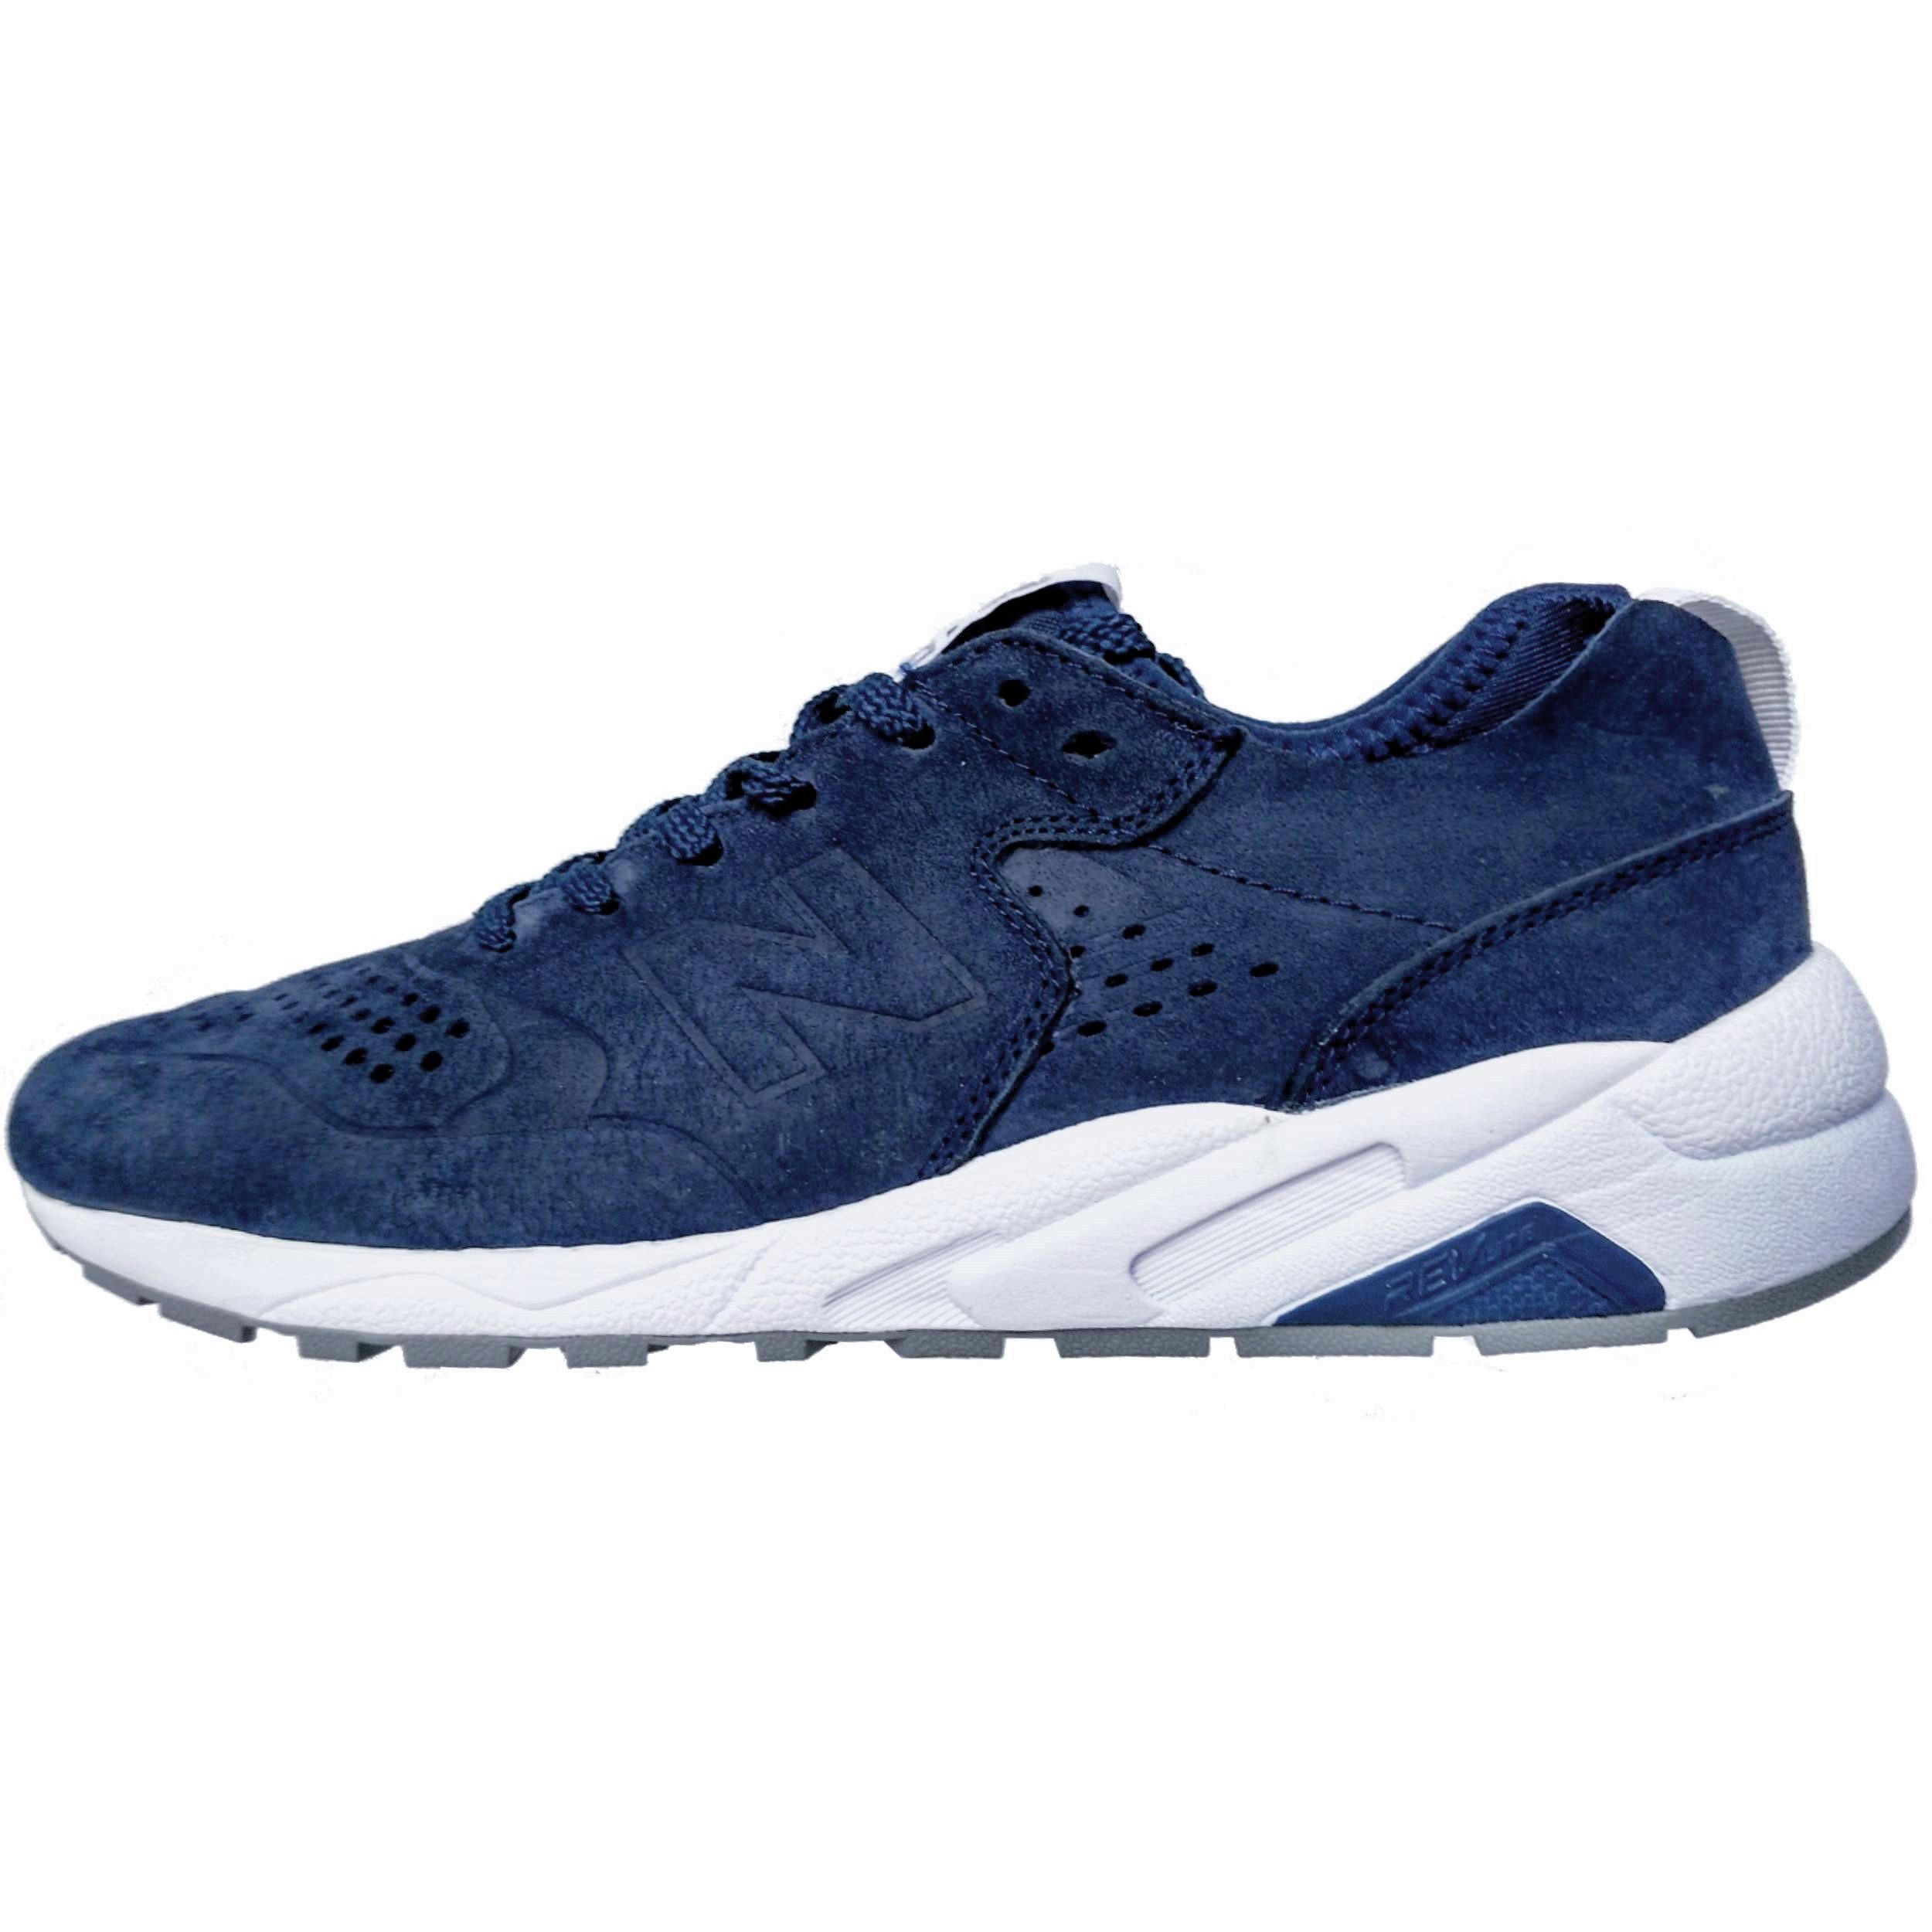 کفش راحتی مردانه نیو بالانس مدل Revlite 580